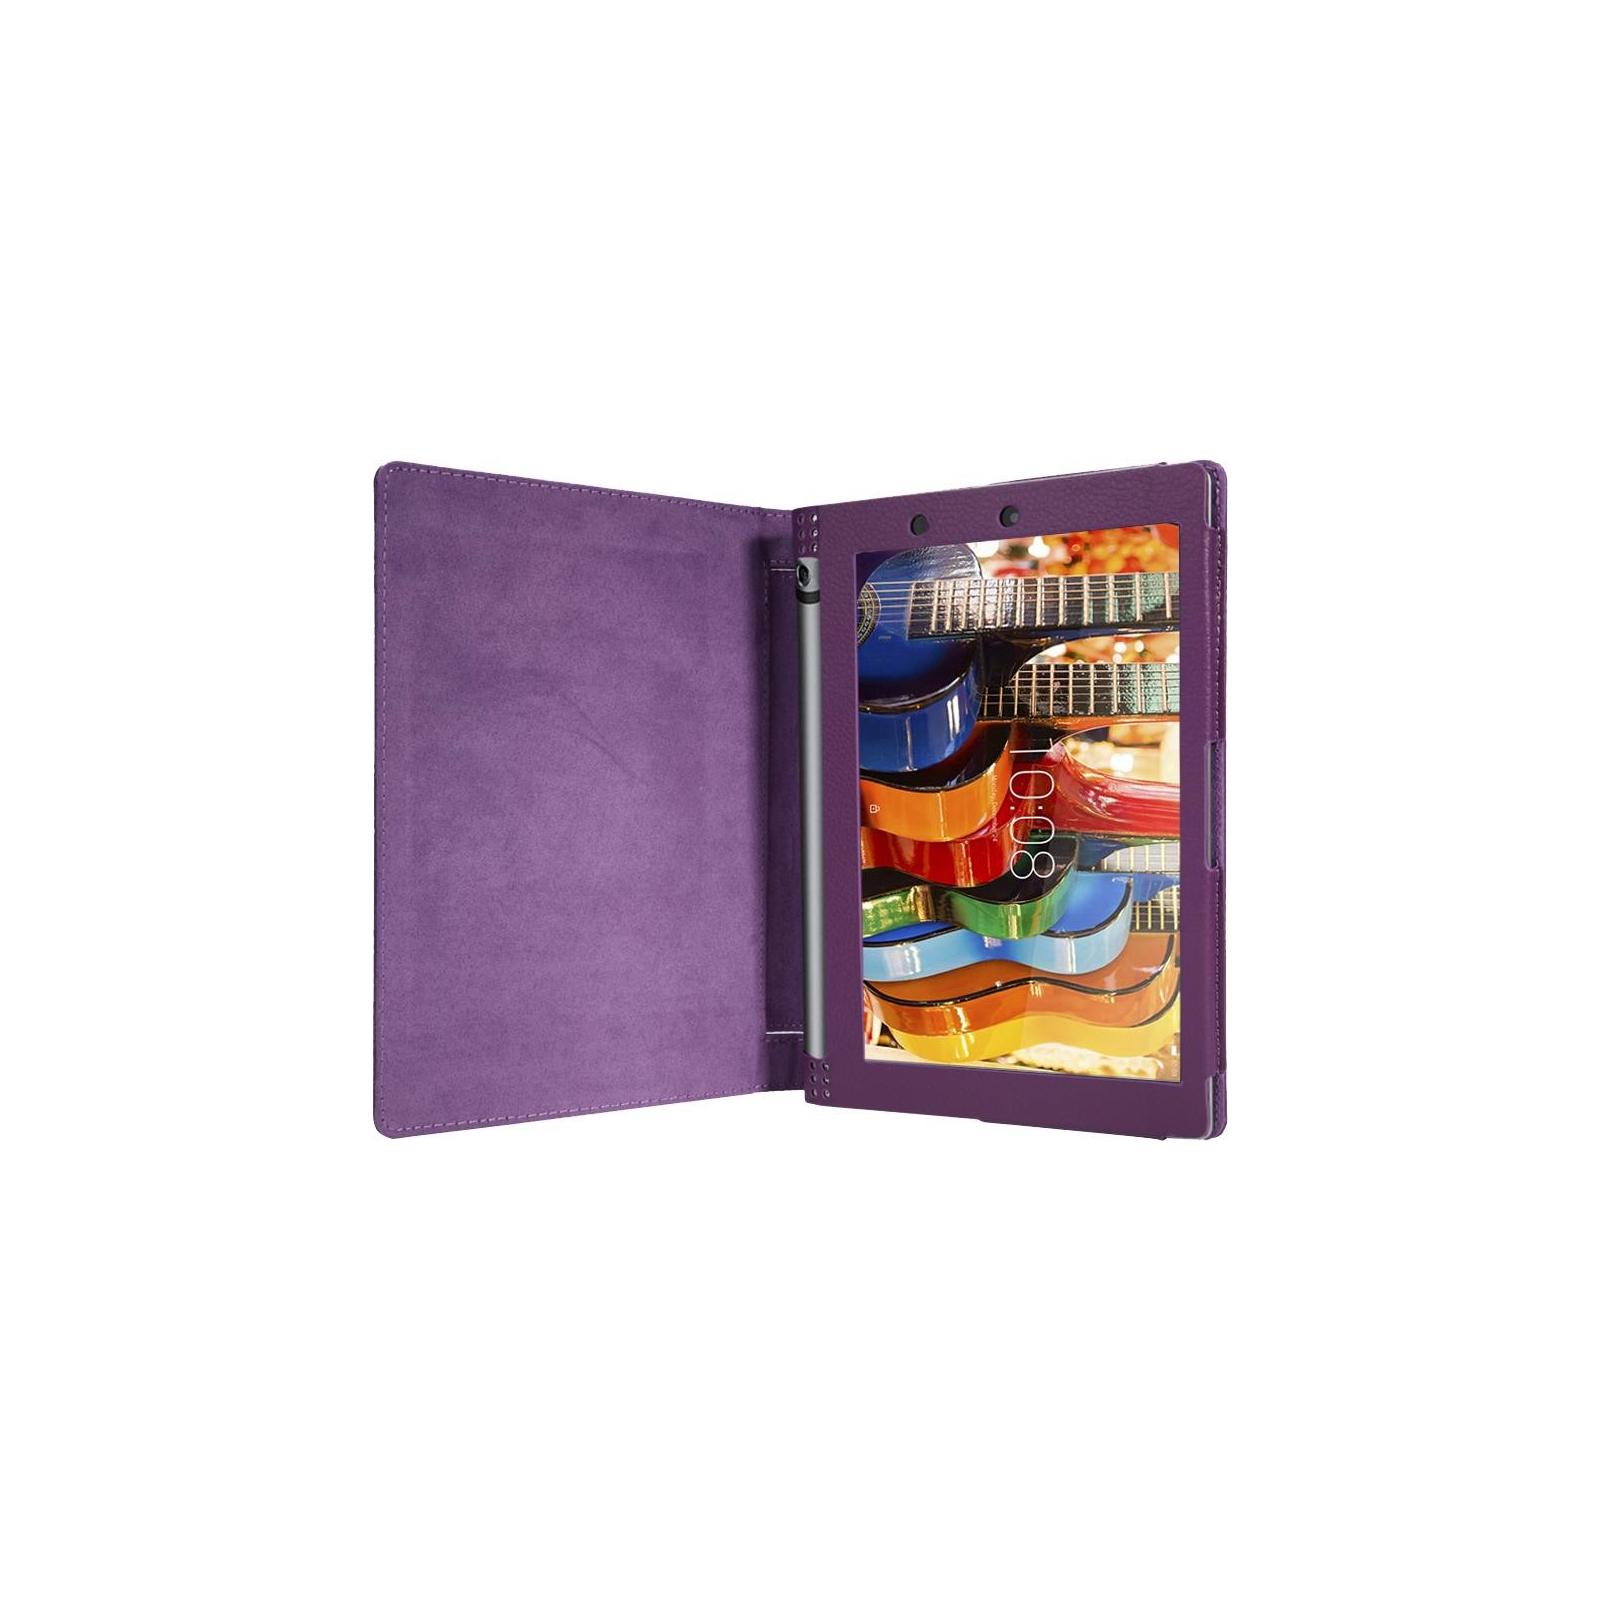 Чехол для планшета AirOn для Lenovo YOGA Tablet 3 8'' violet (4822352779641) изображение 4